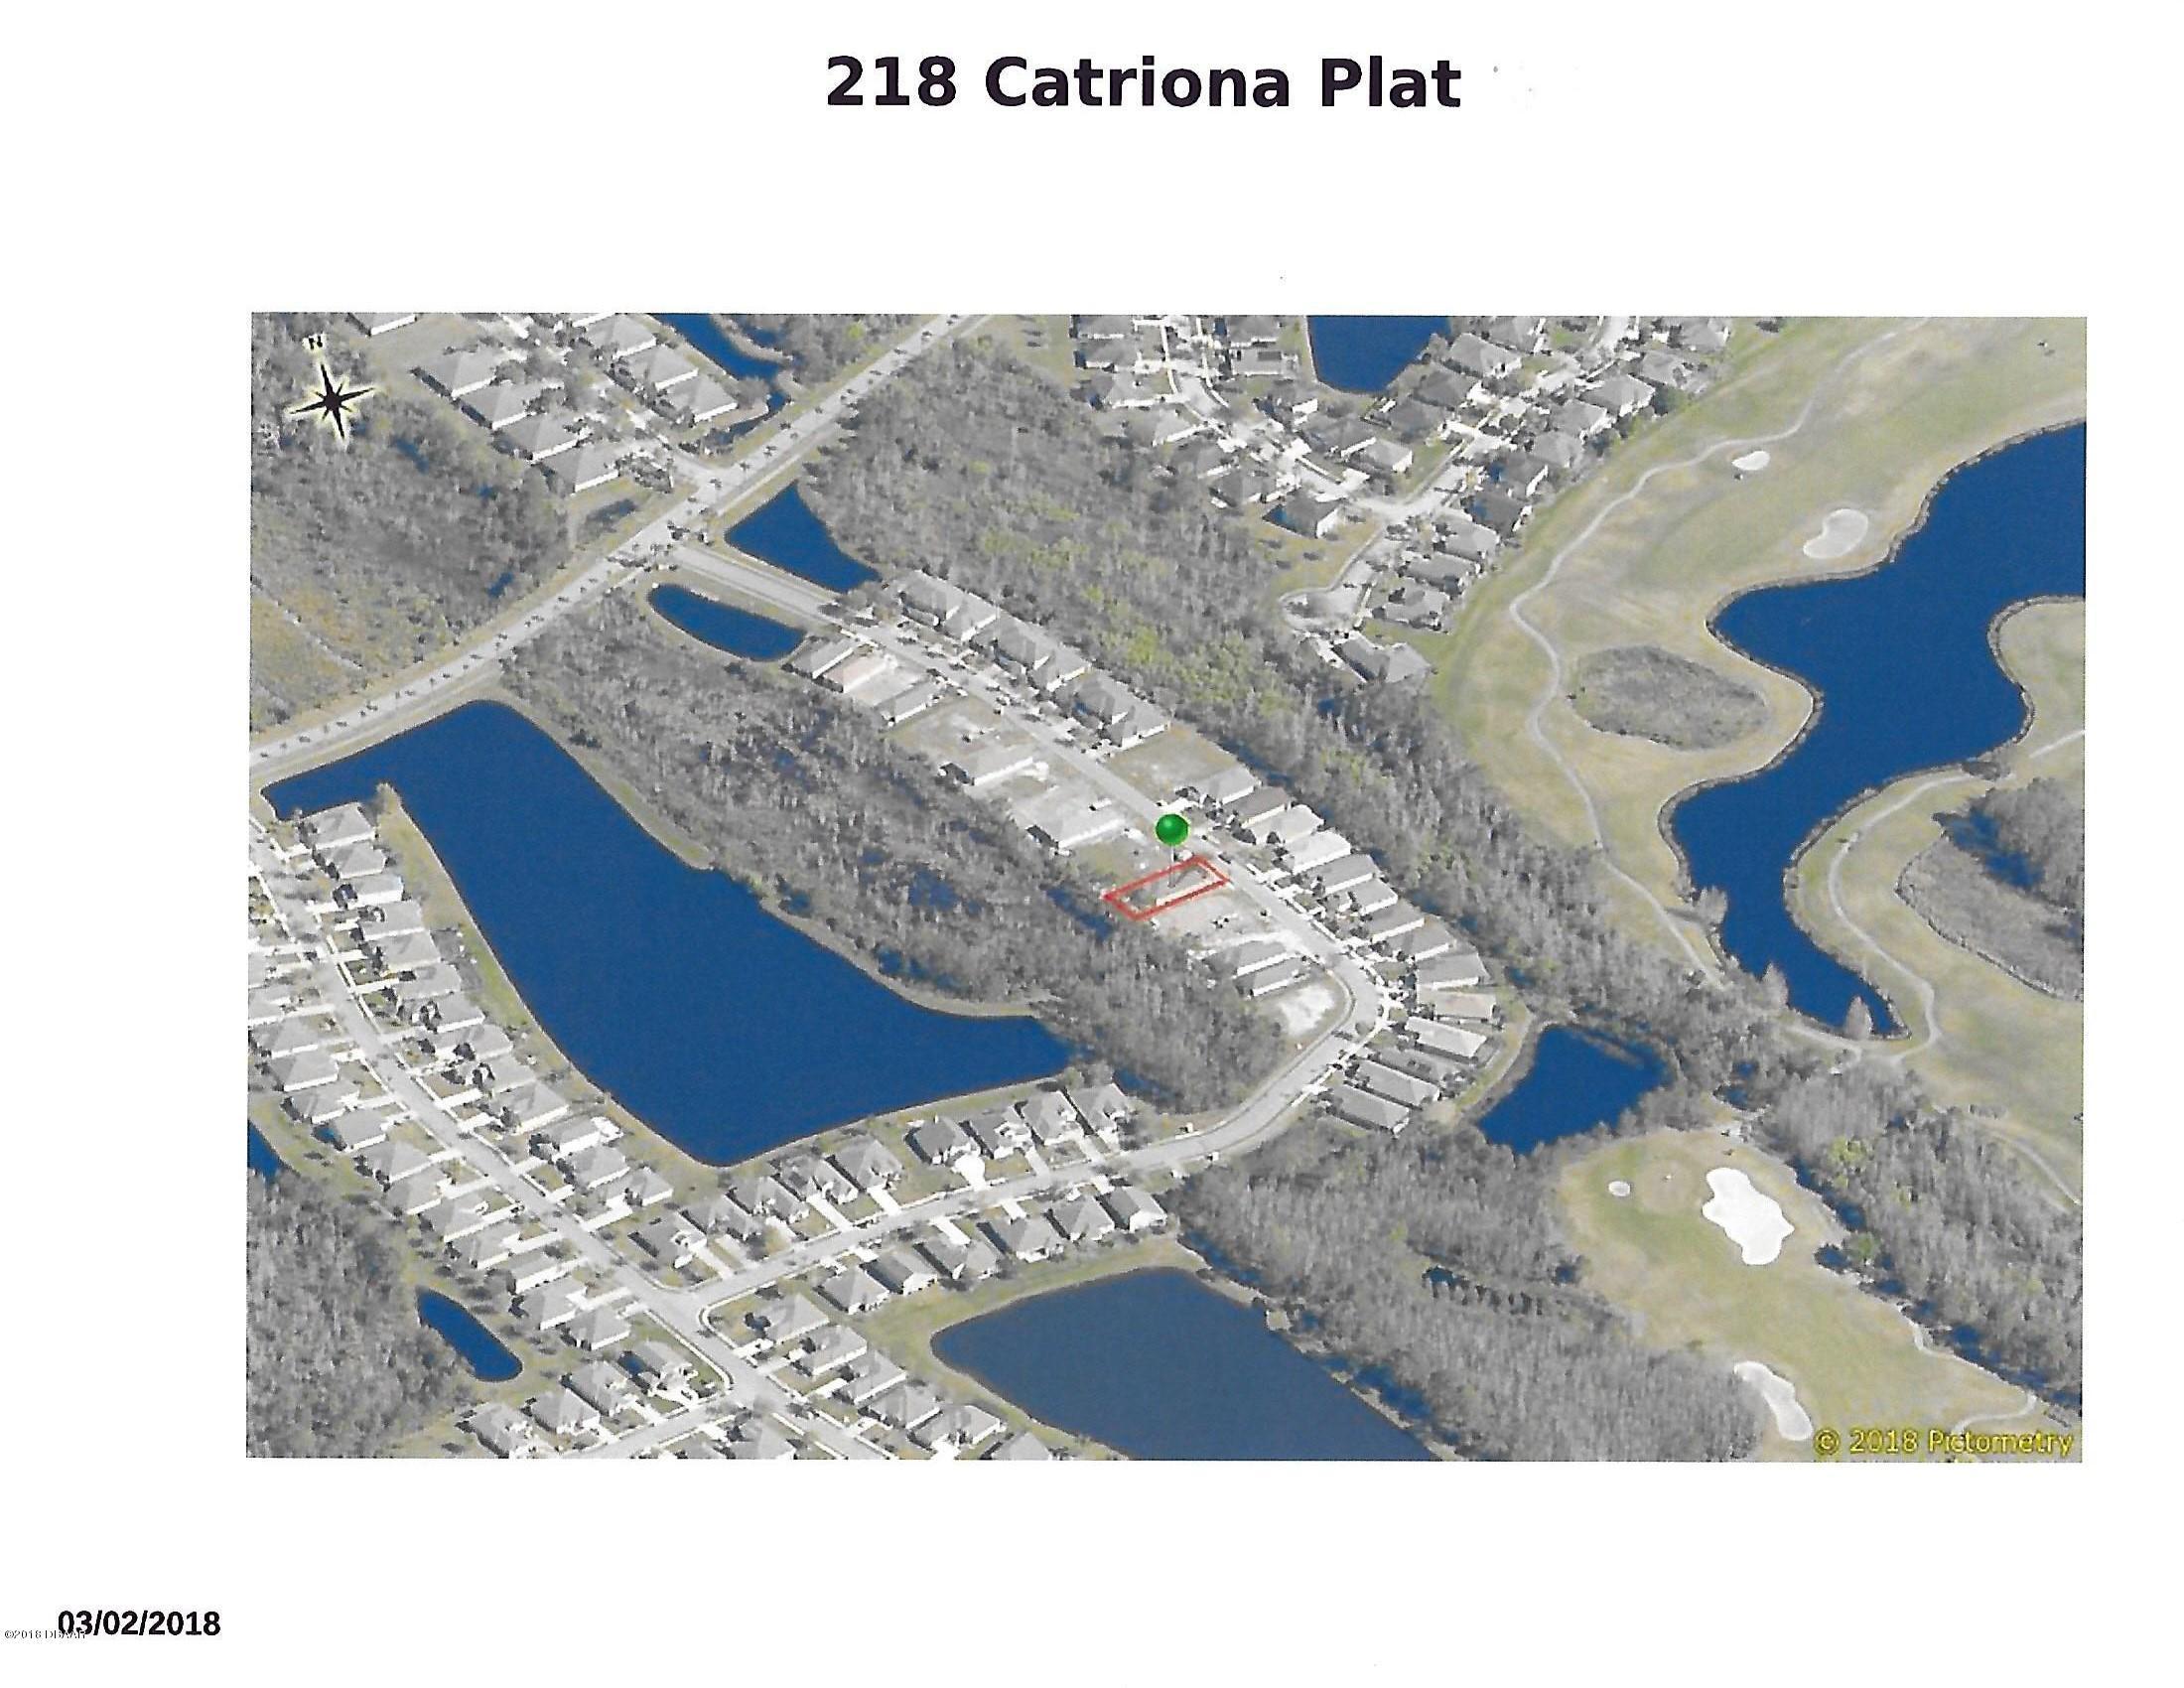 218 Catriona Daytona Beach - 45